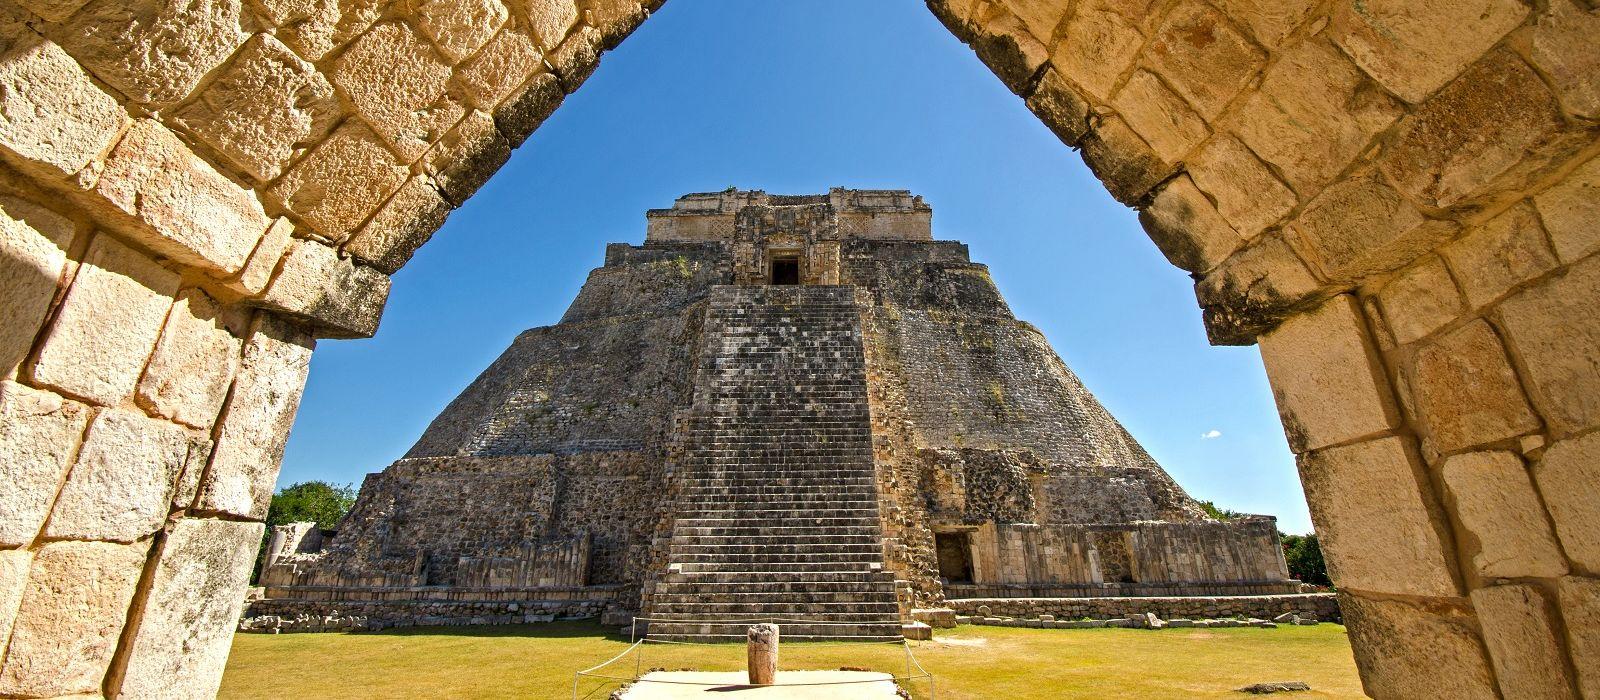 Yucatan In-Depth: Ancient Ruins and Beach Tour Trip 4